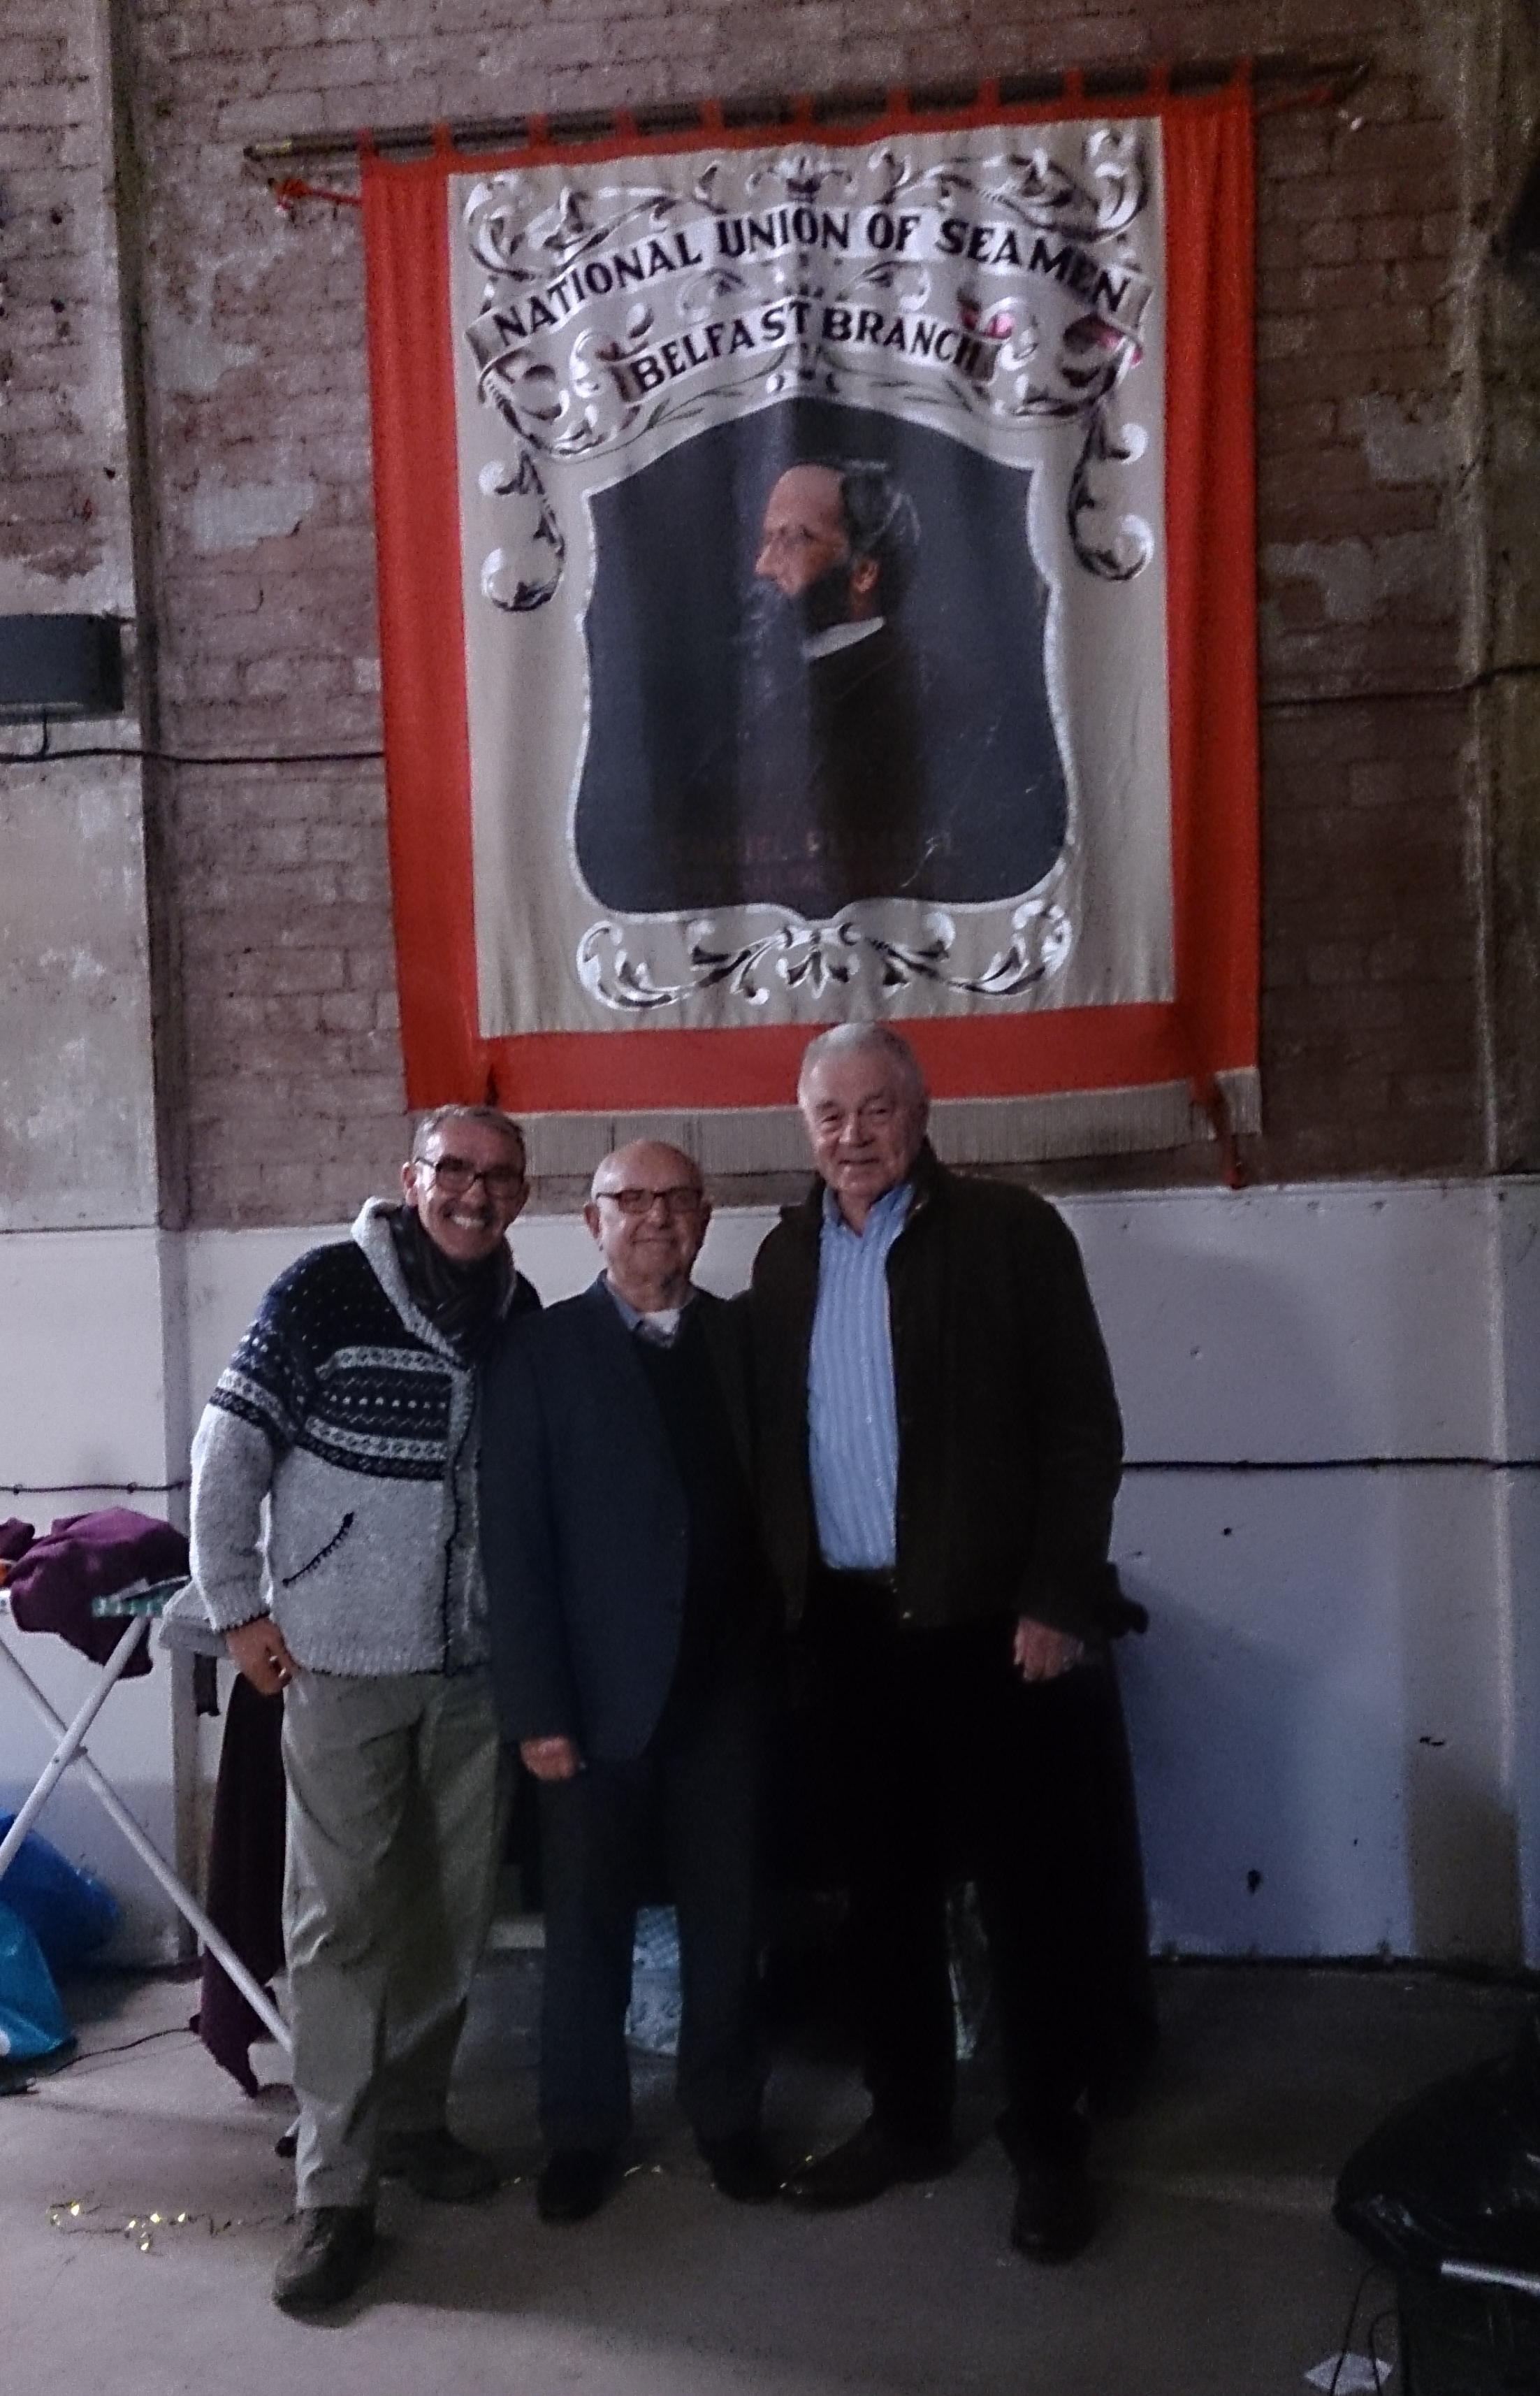 joe+billy+michael+NUS+banner.jpg